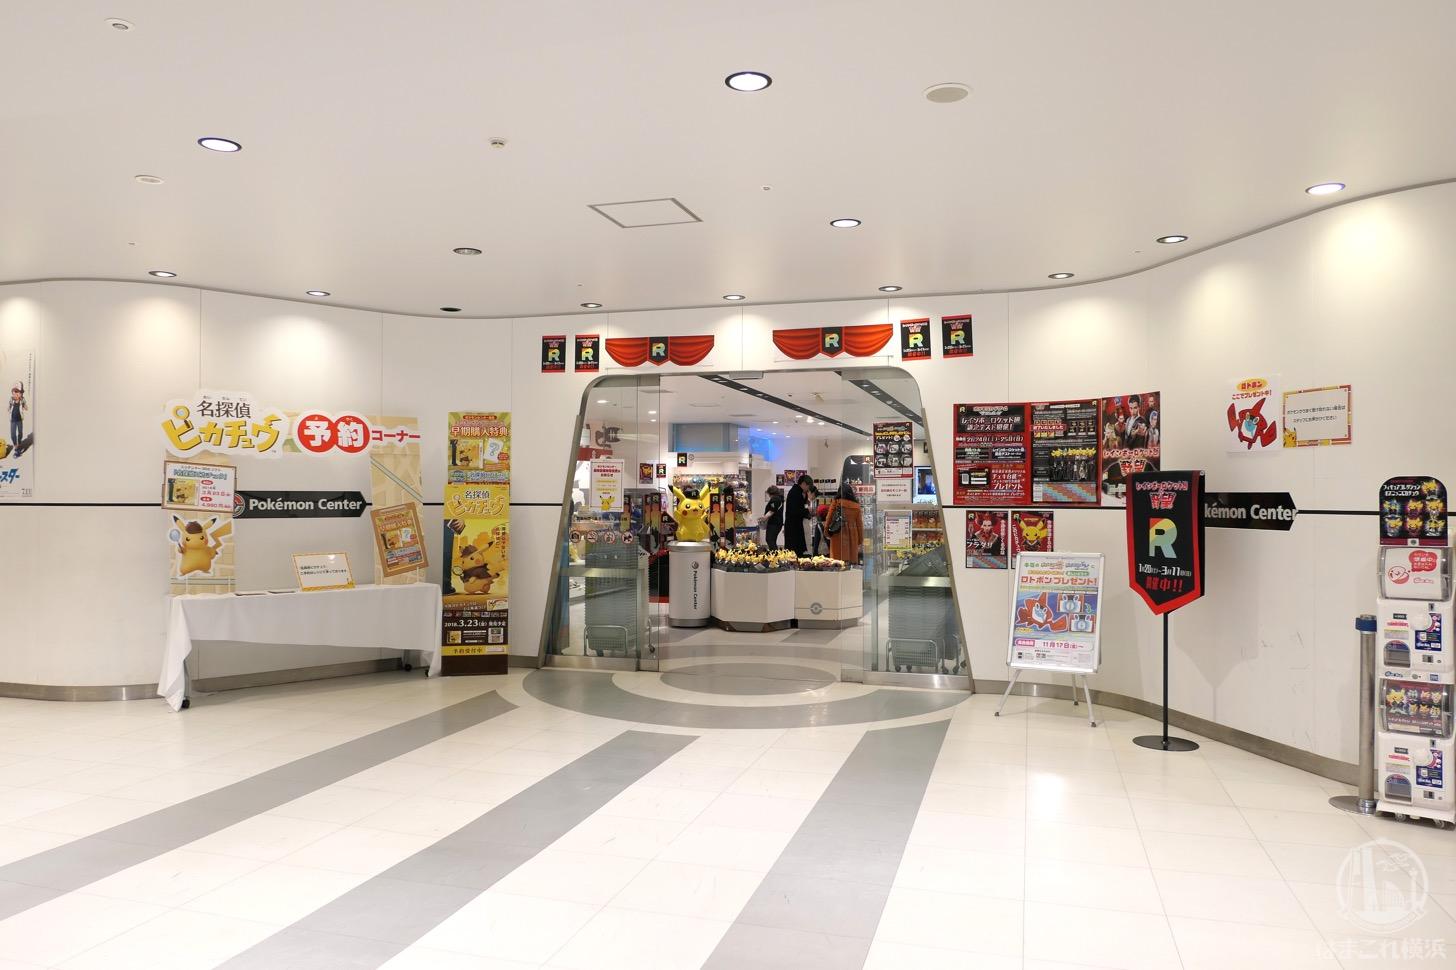 ポケモンセンター ヨコハマ | はまこれ横浜